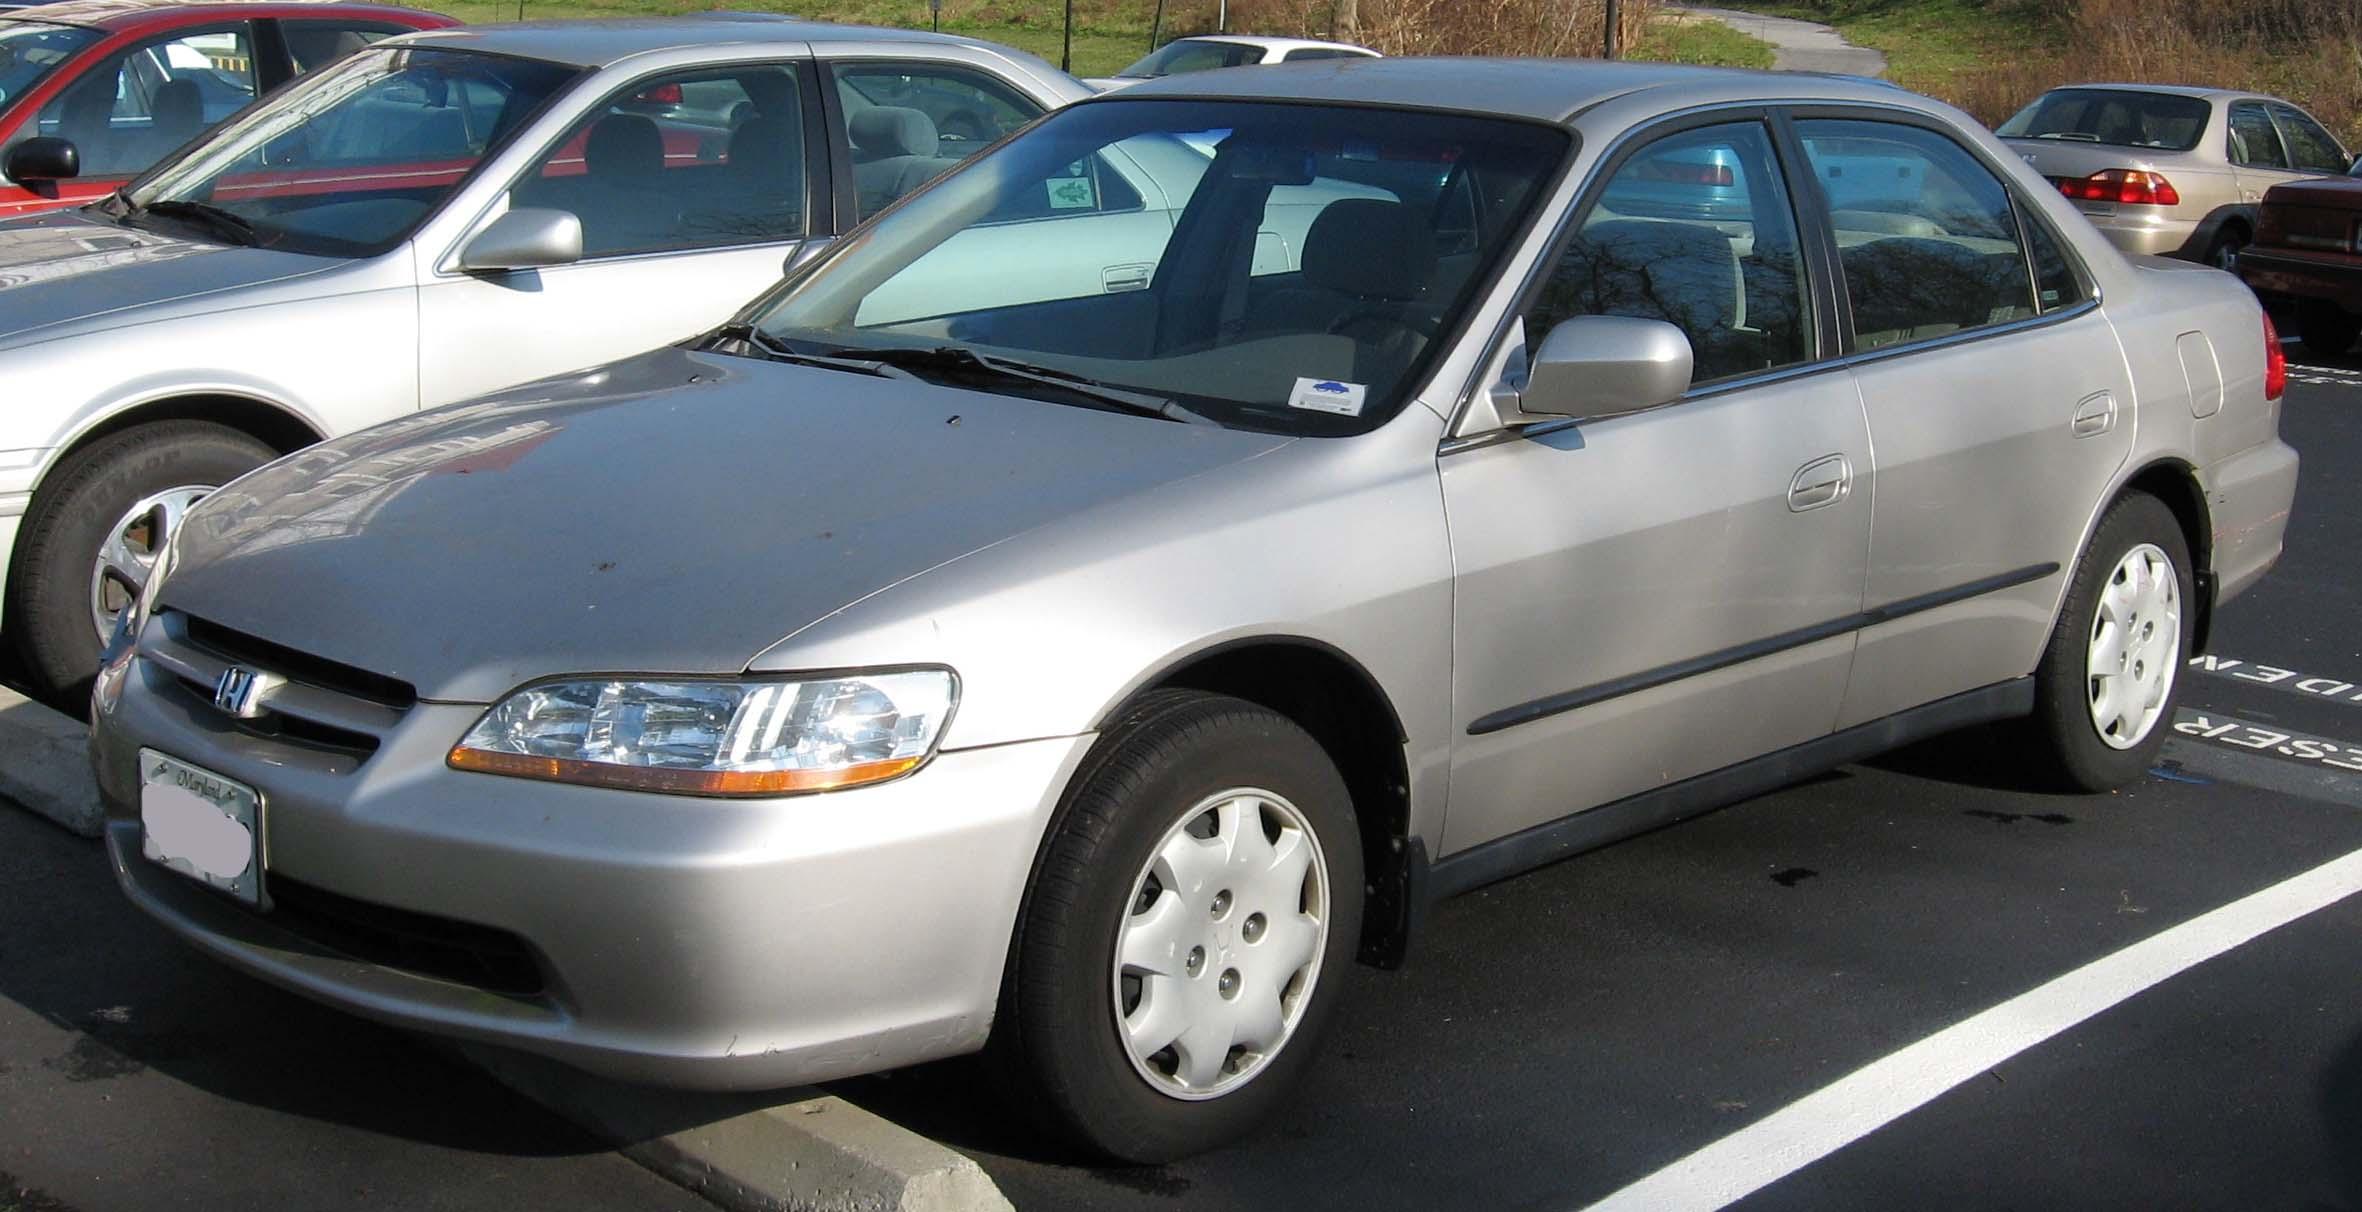 File:98-00 Honda Accord.jpg - Wikimedia Commons